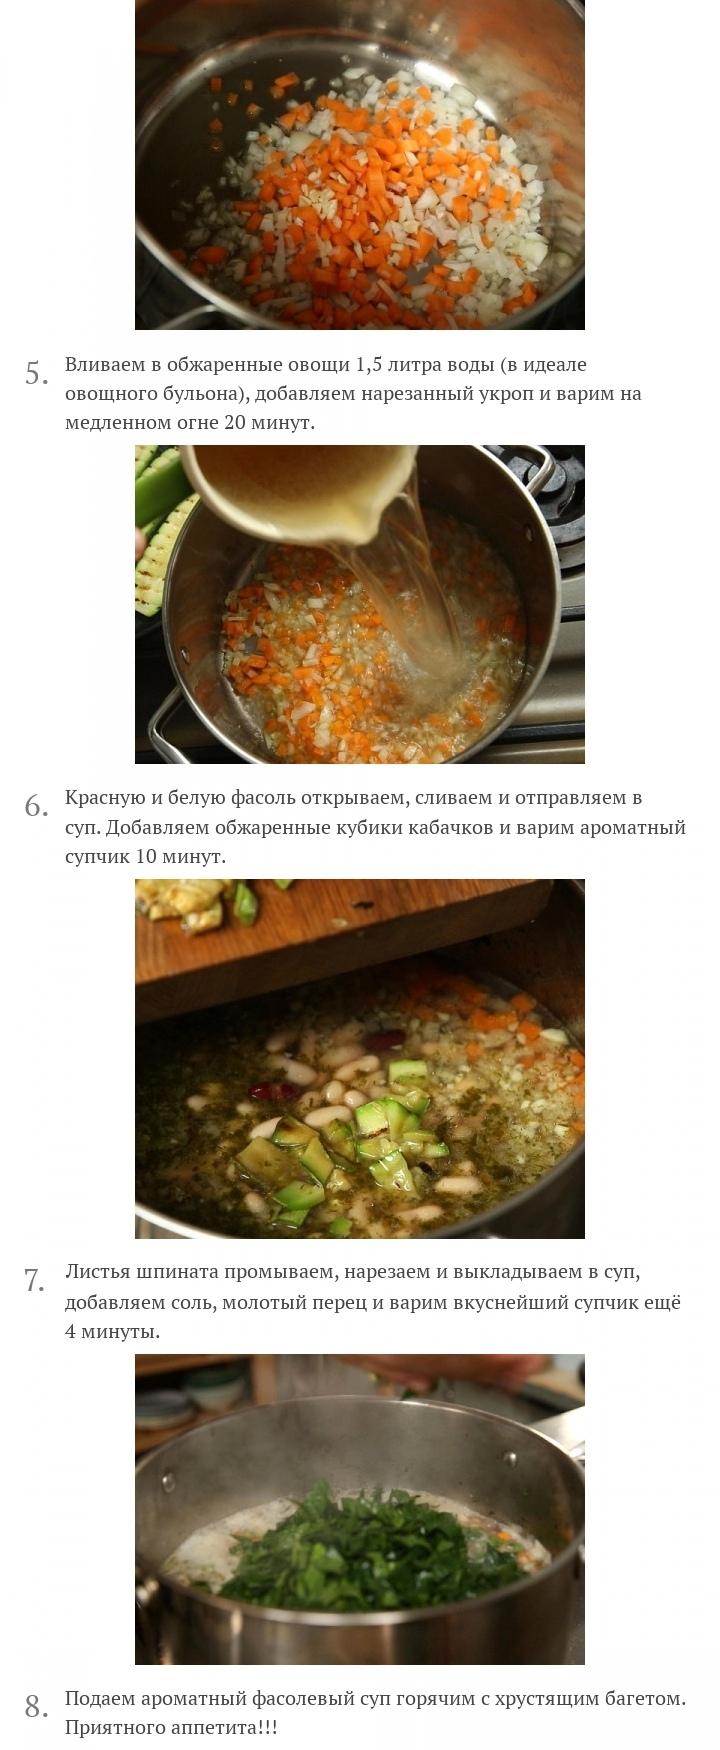 Фасолевый суп с овощами и шпинатом, изображение №3